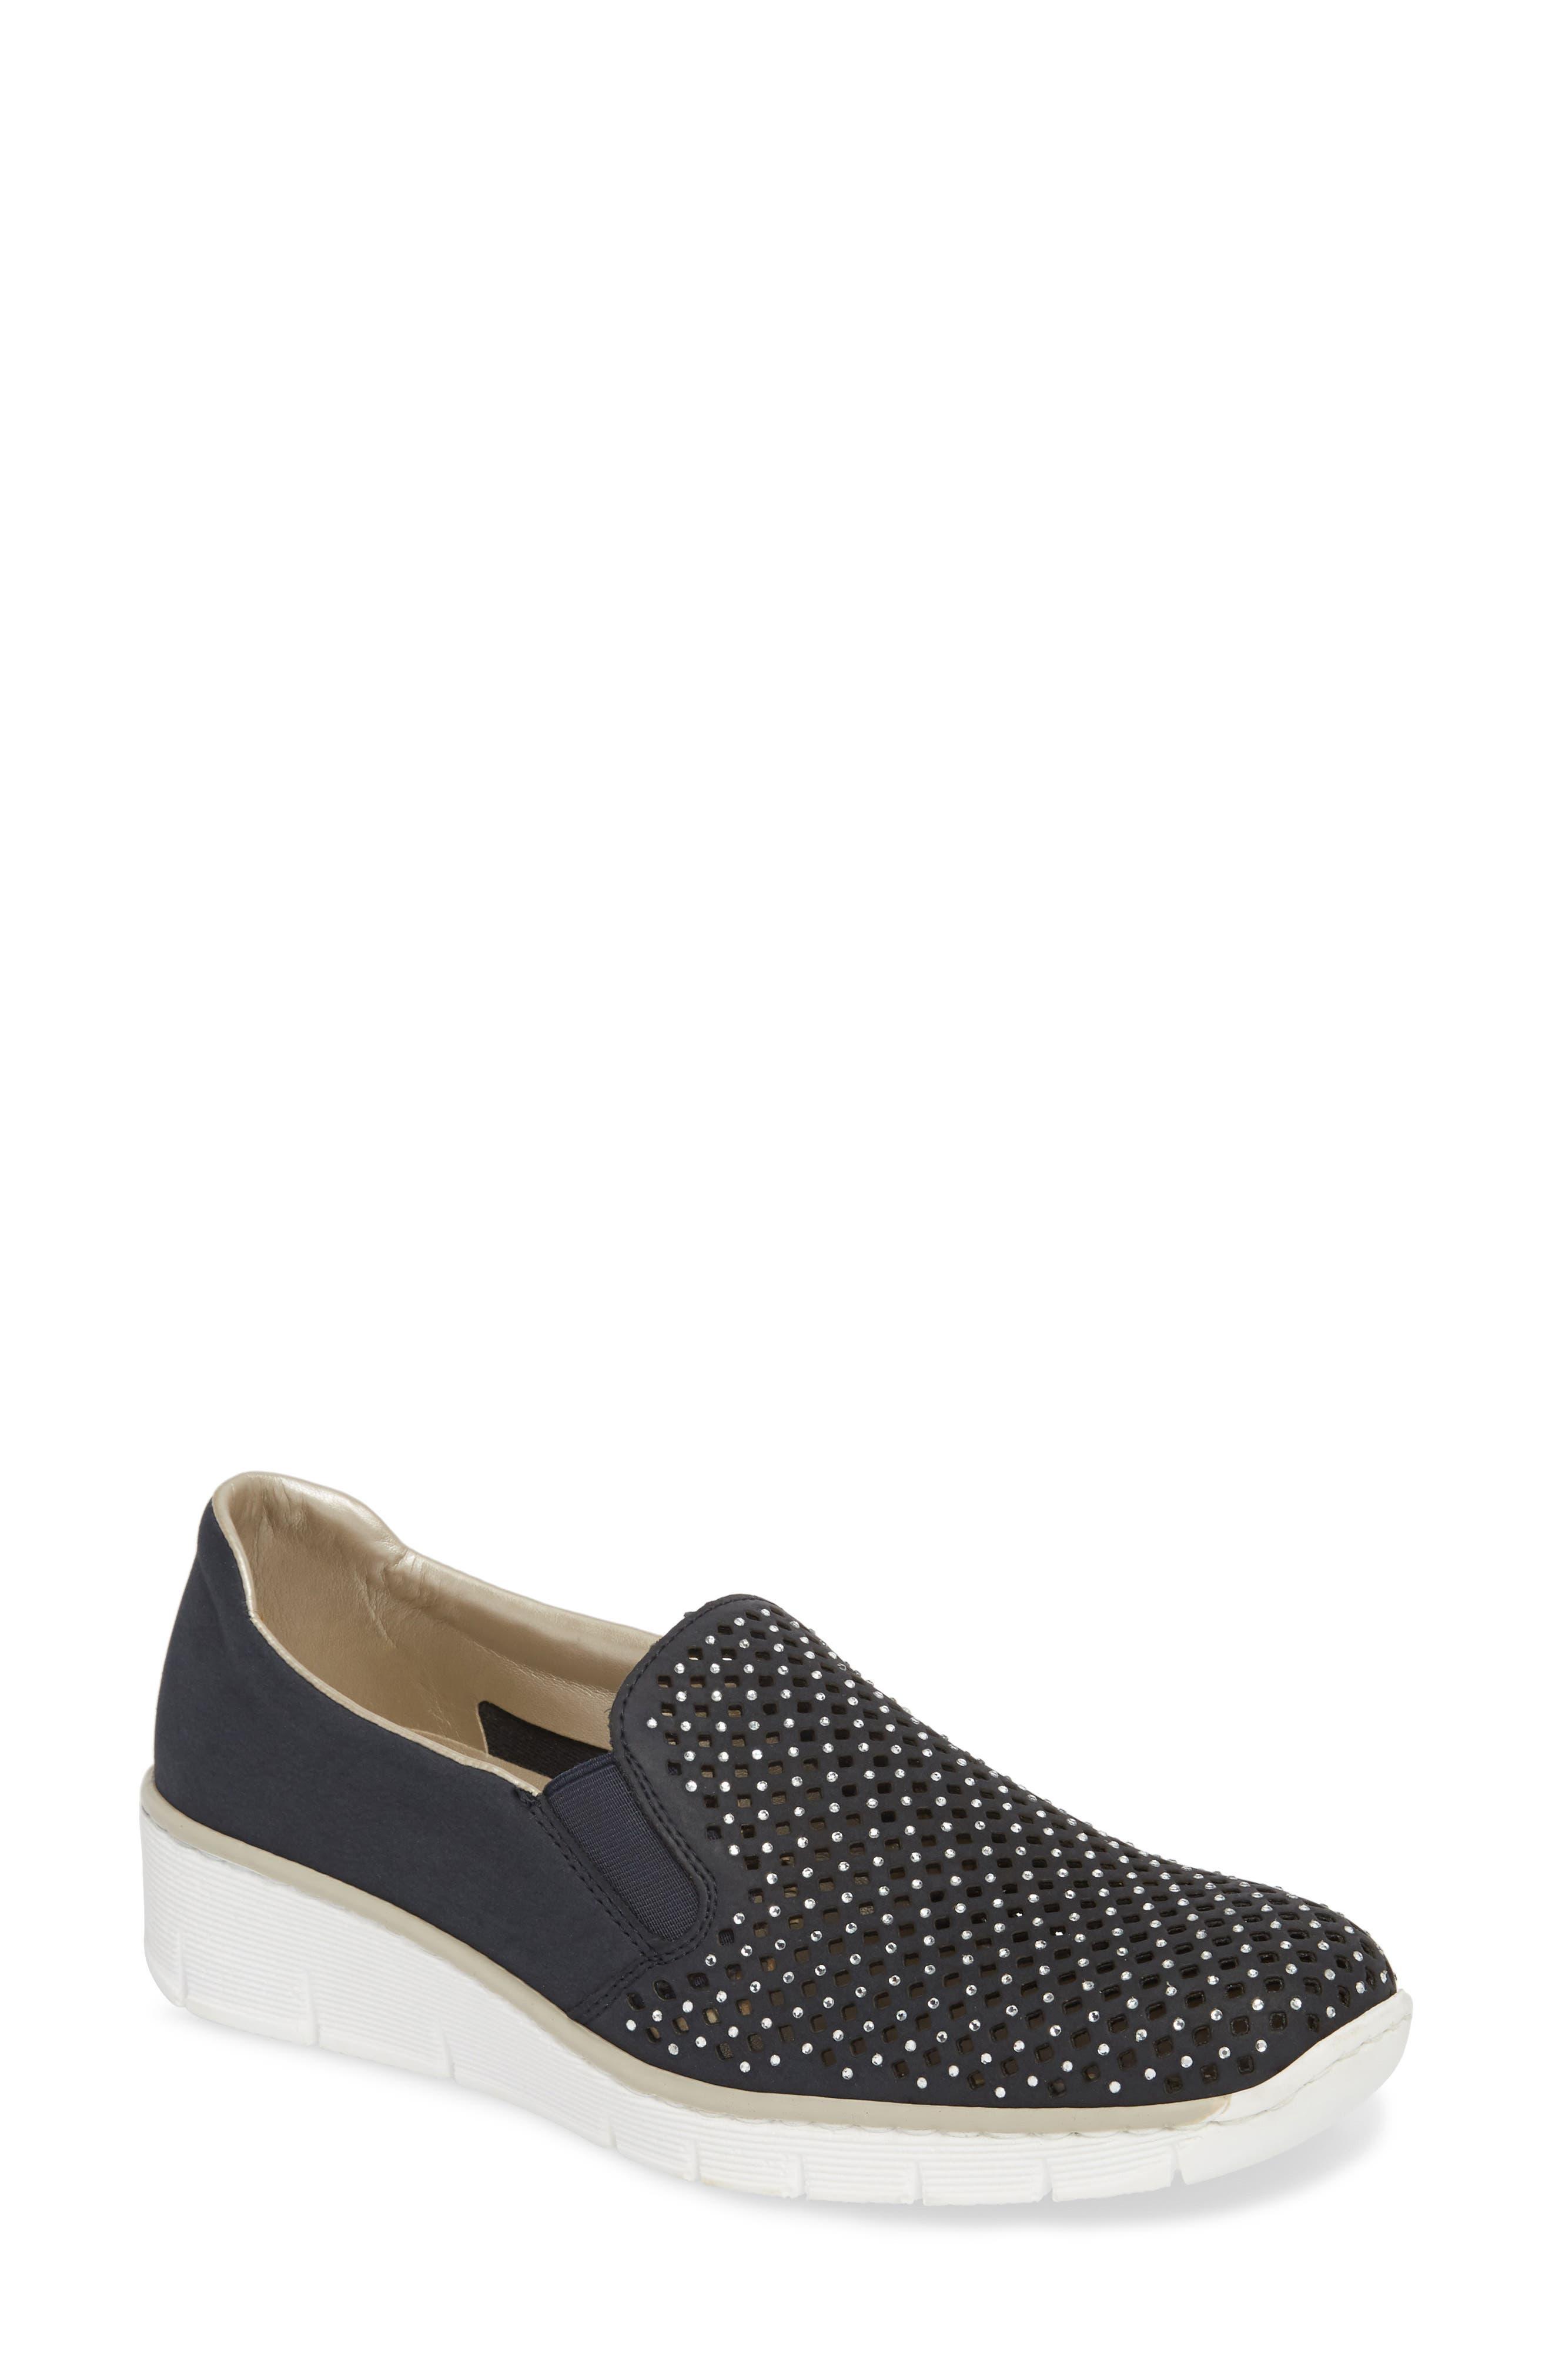 Rieker Antistress Doris A6 Wedge Sneaker (Women)